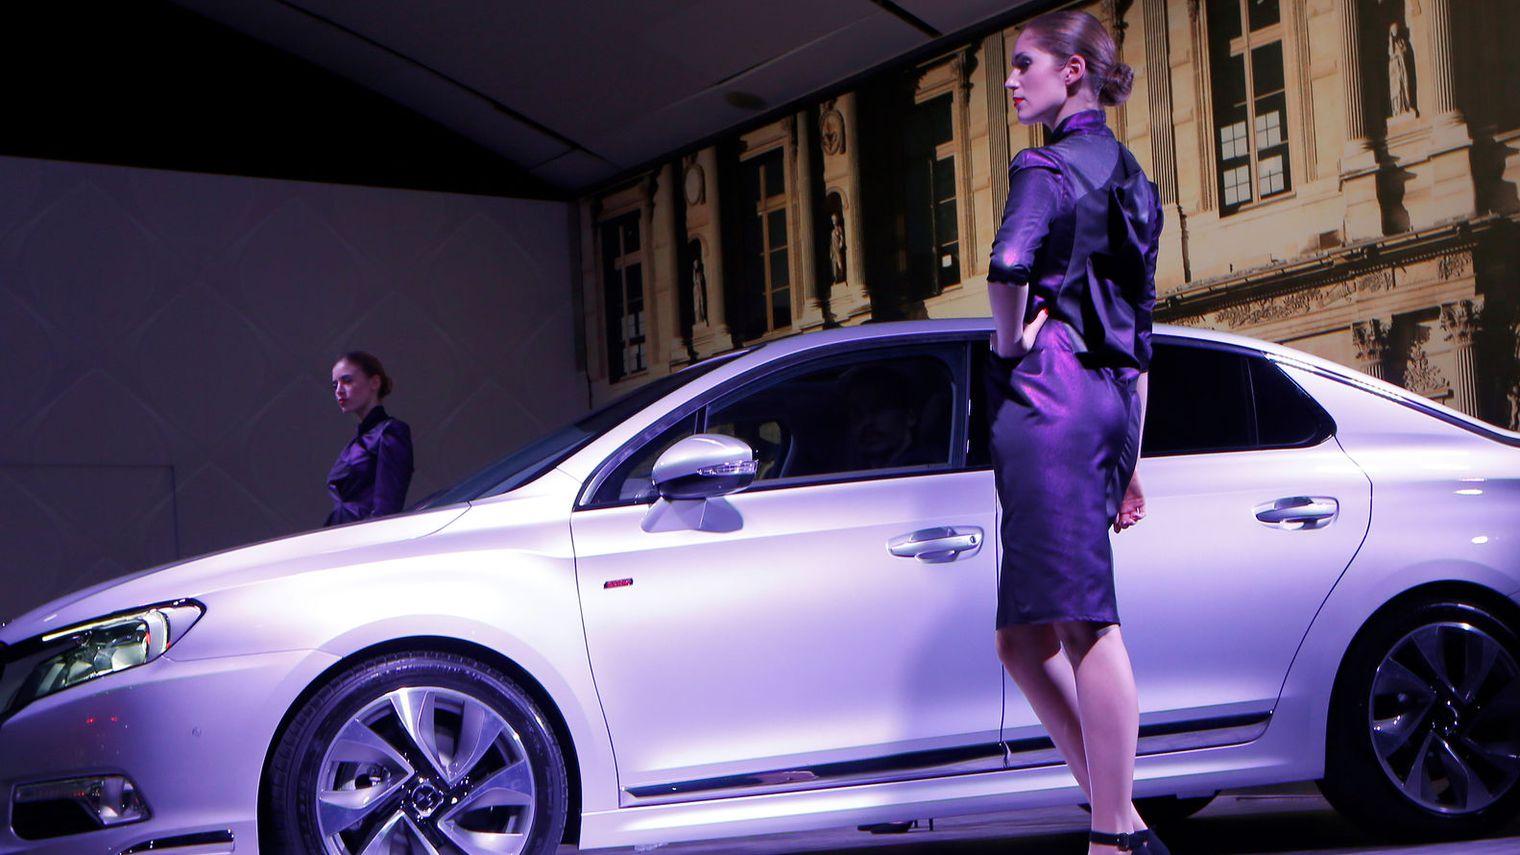 une-hotesse-devoile-un-nouveau-modele-citroen-de-sa-gamme-haut-de-gamme-ds-la-ds-5ls-destinee-a-la-chine-premier-marche-automobile-mondial-le-19-decembre-2013_4645804